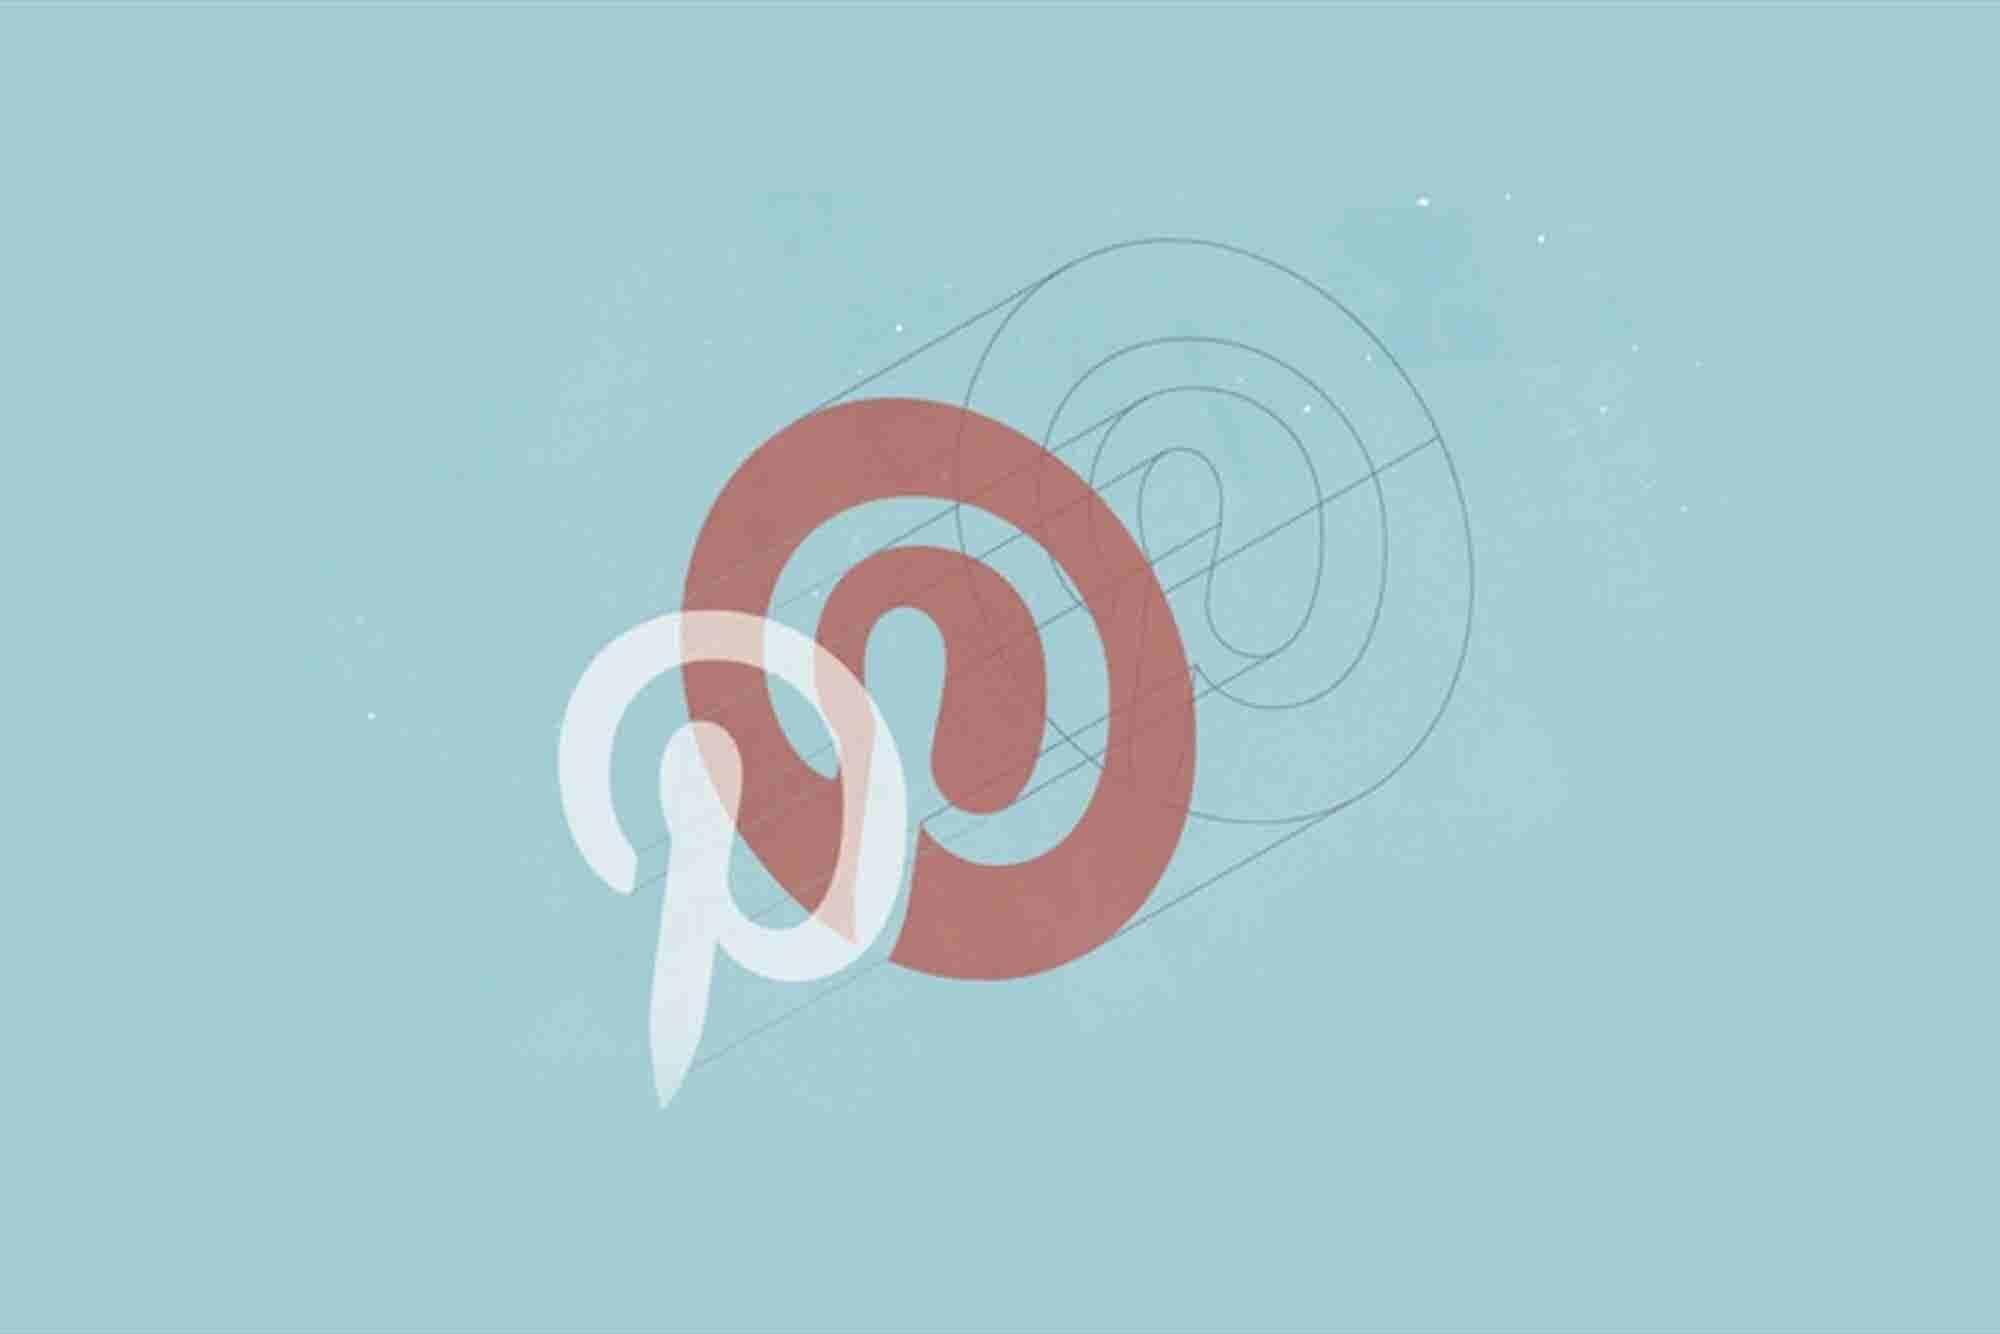 Pinterest Kills Off Affiliate Links Program, Leaves 'Power Pinners' in...